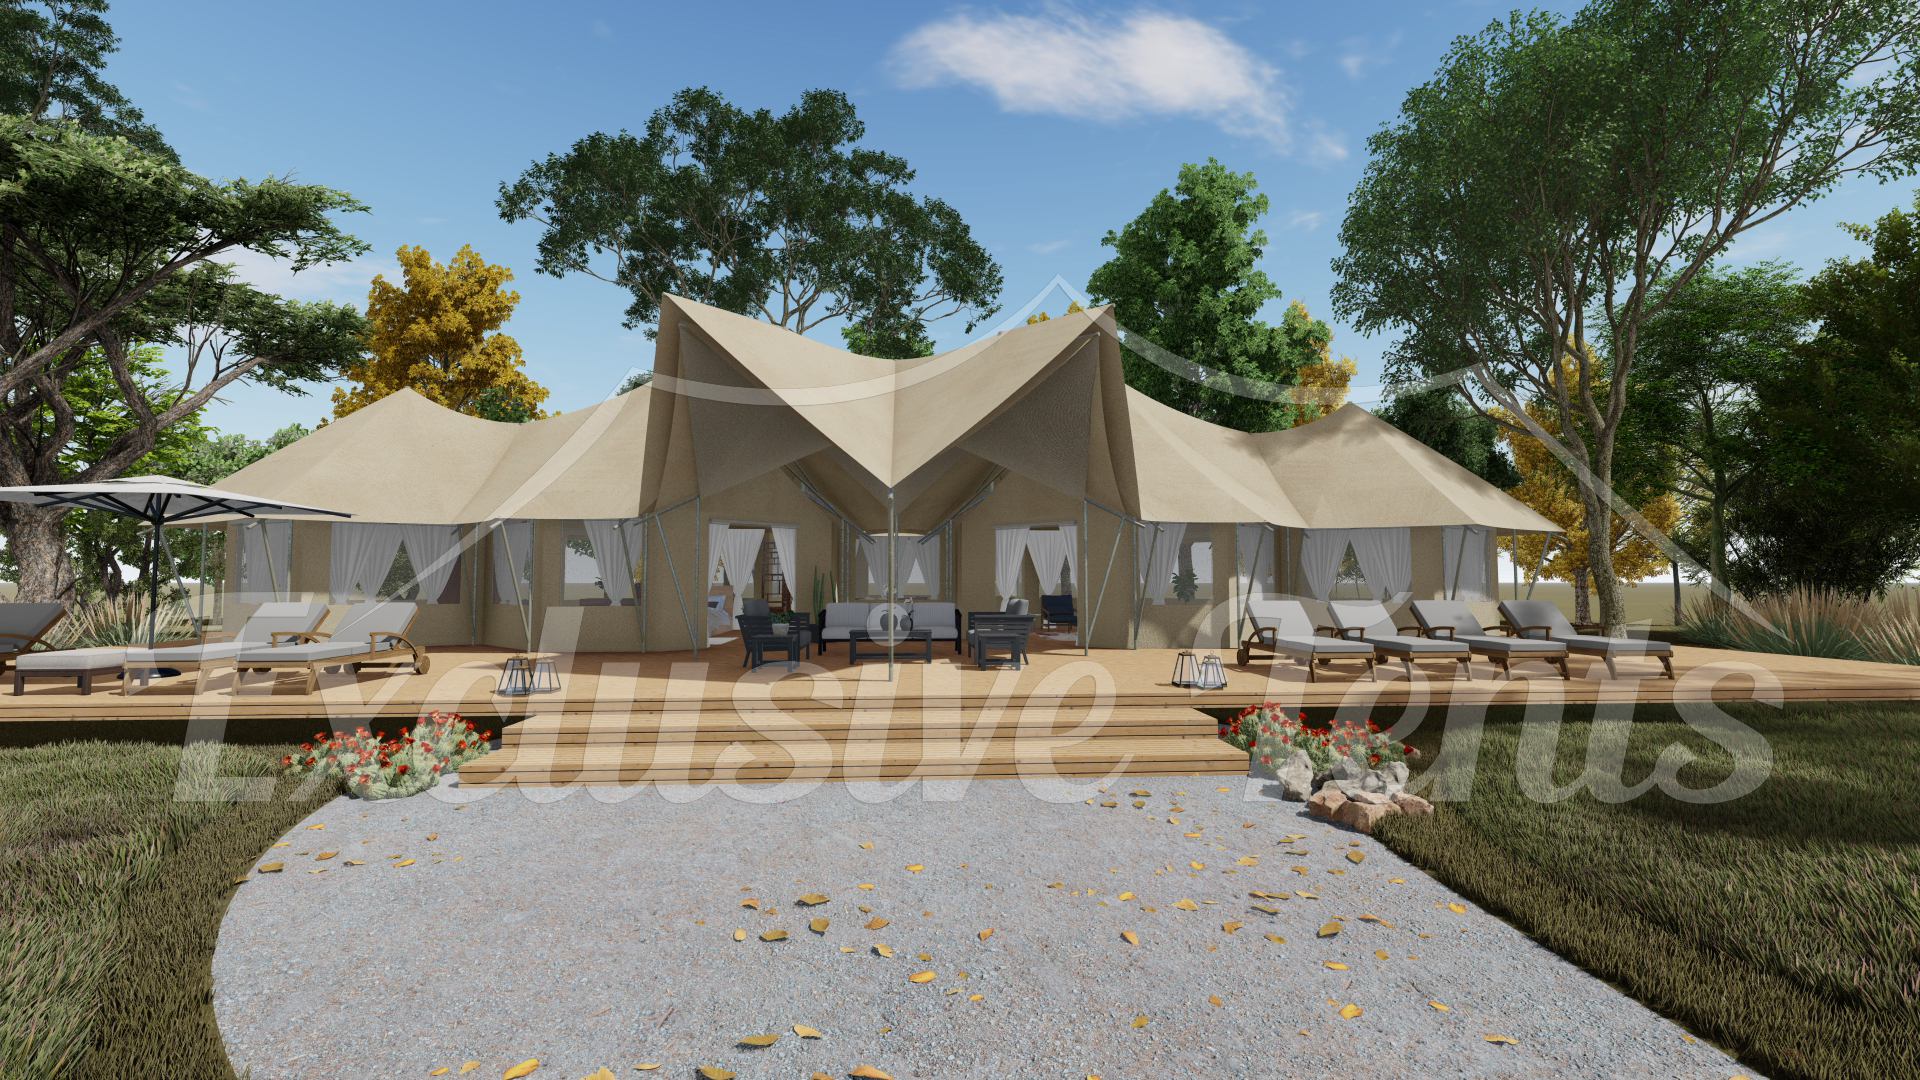 Unique Glamping Tent